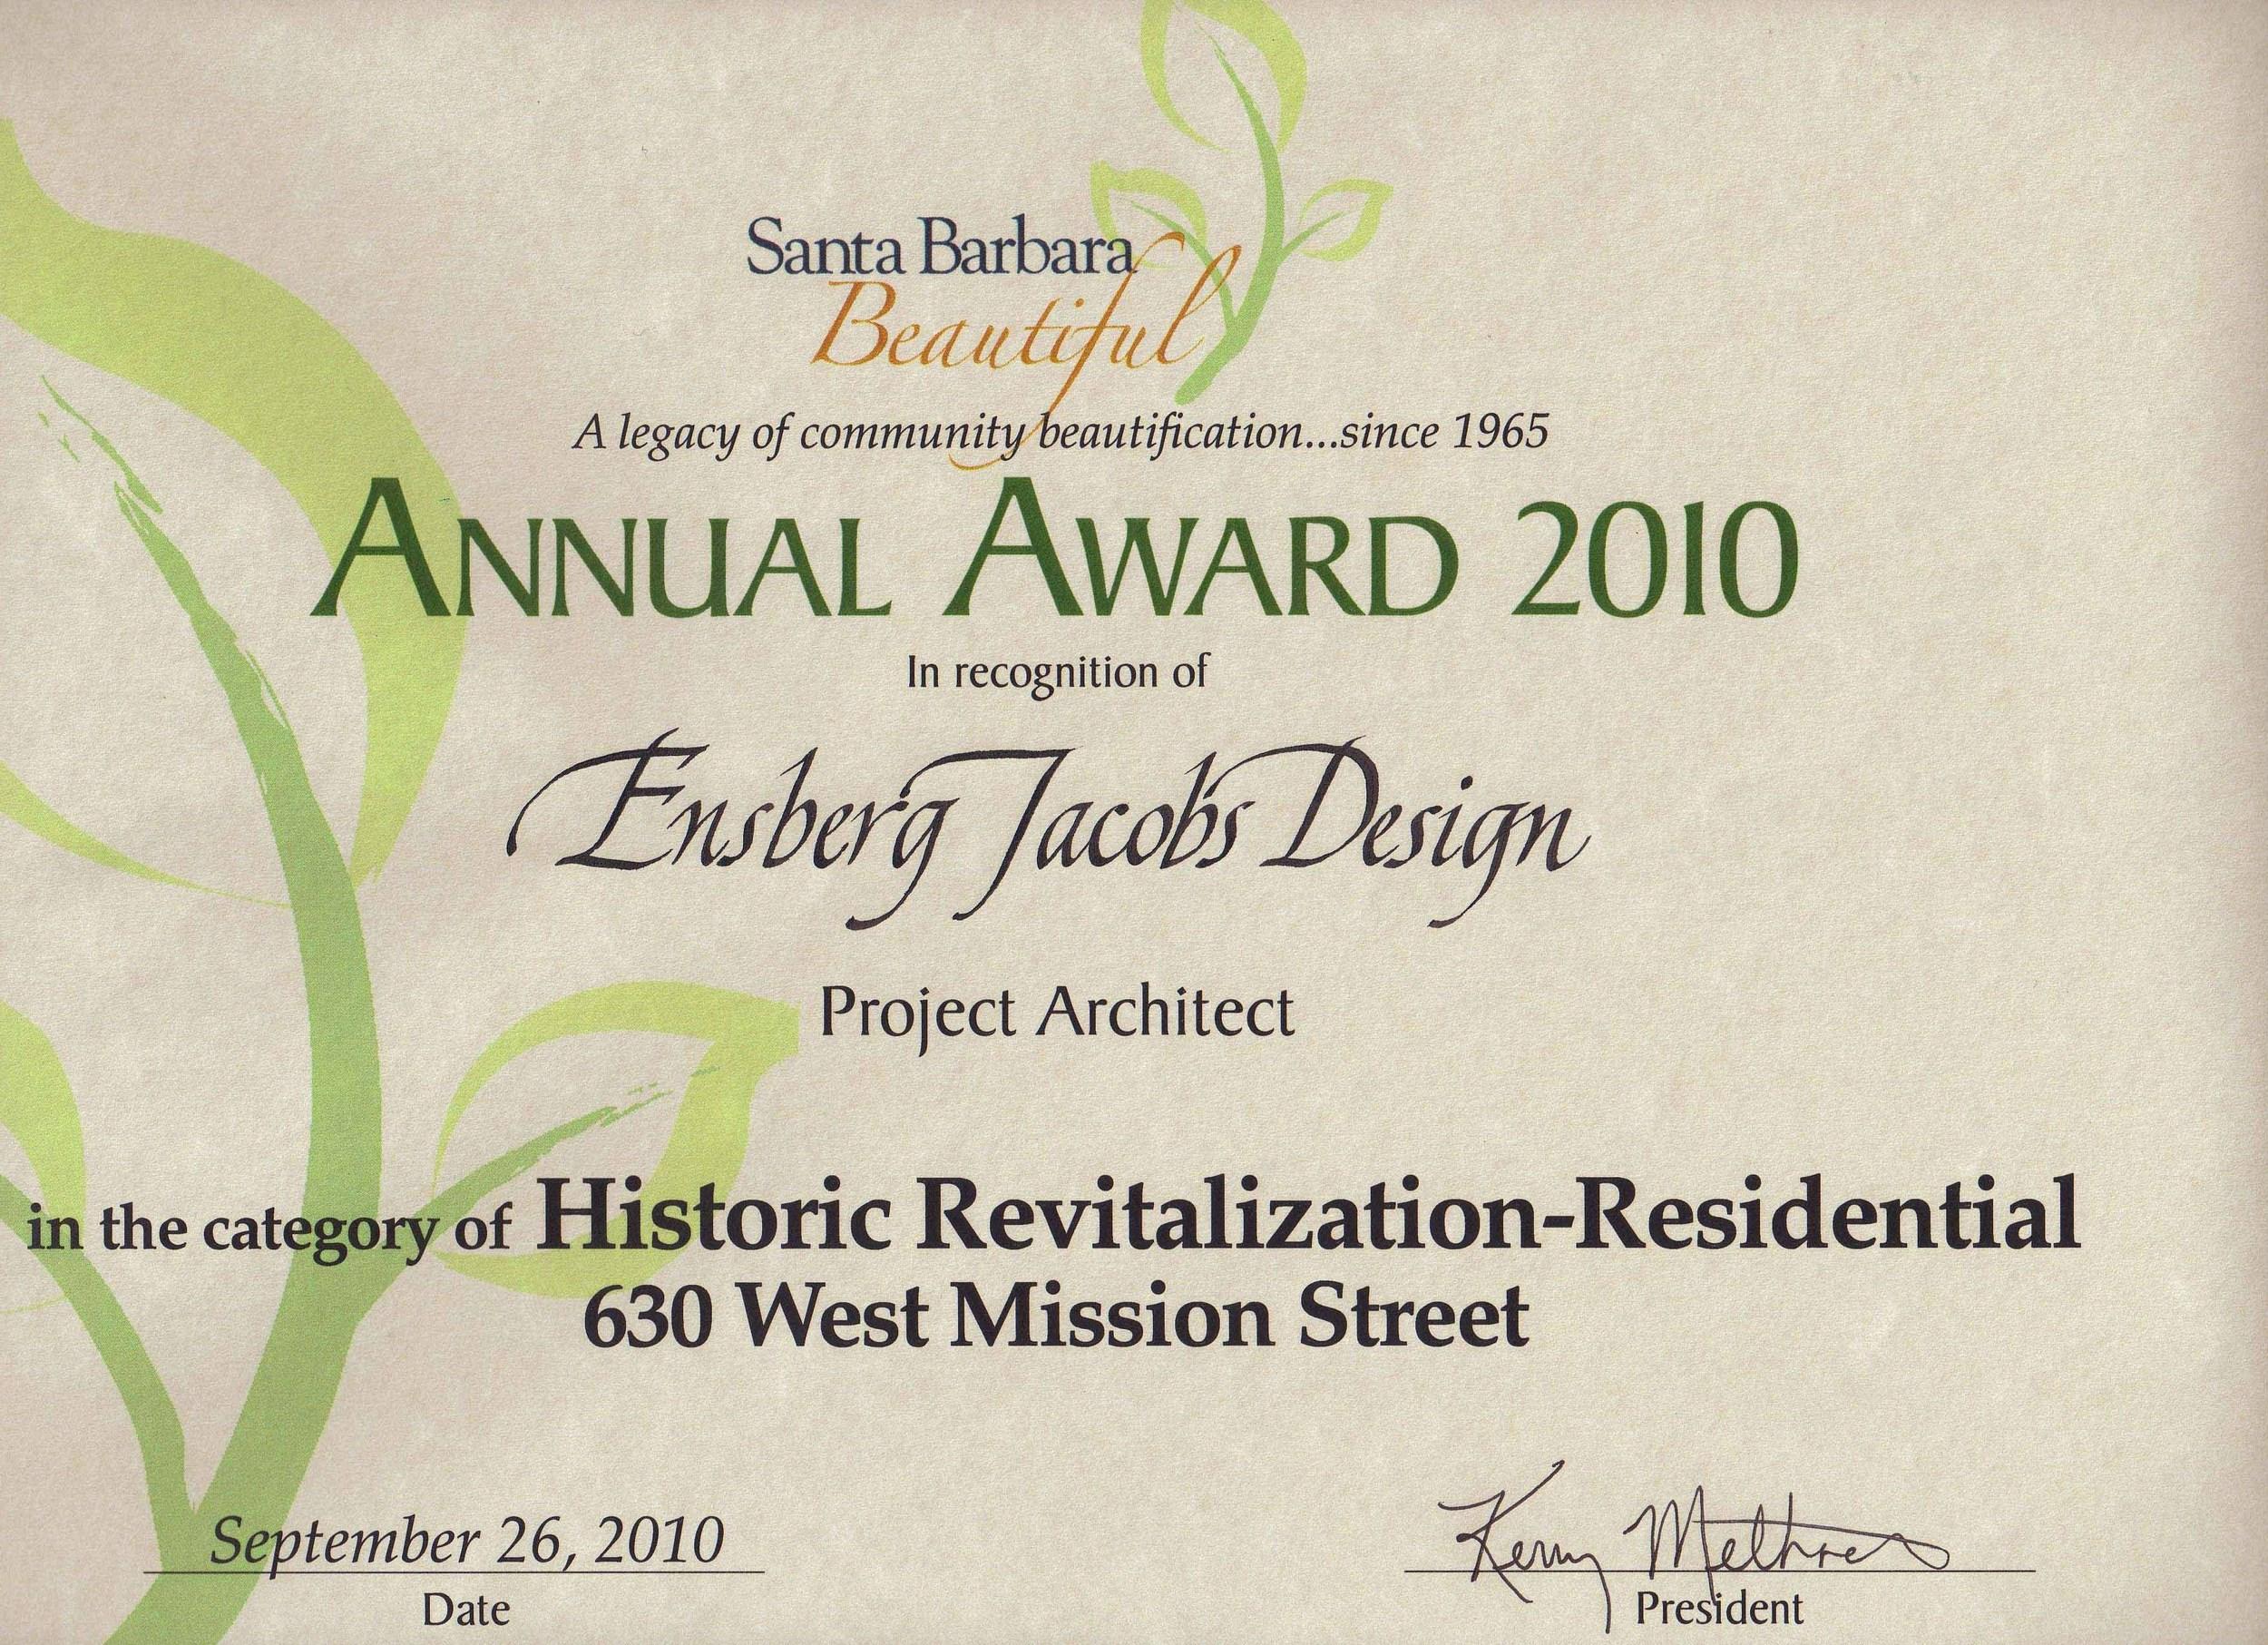 Santa Barbara Beautiful Design Award